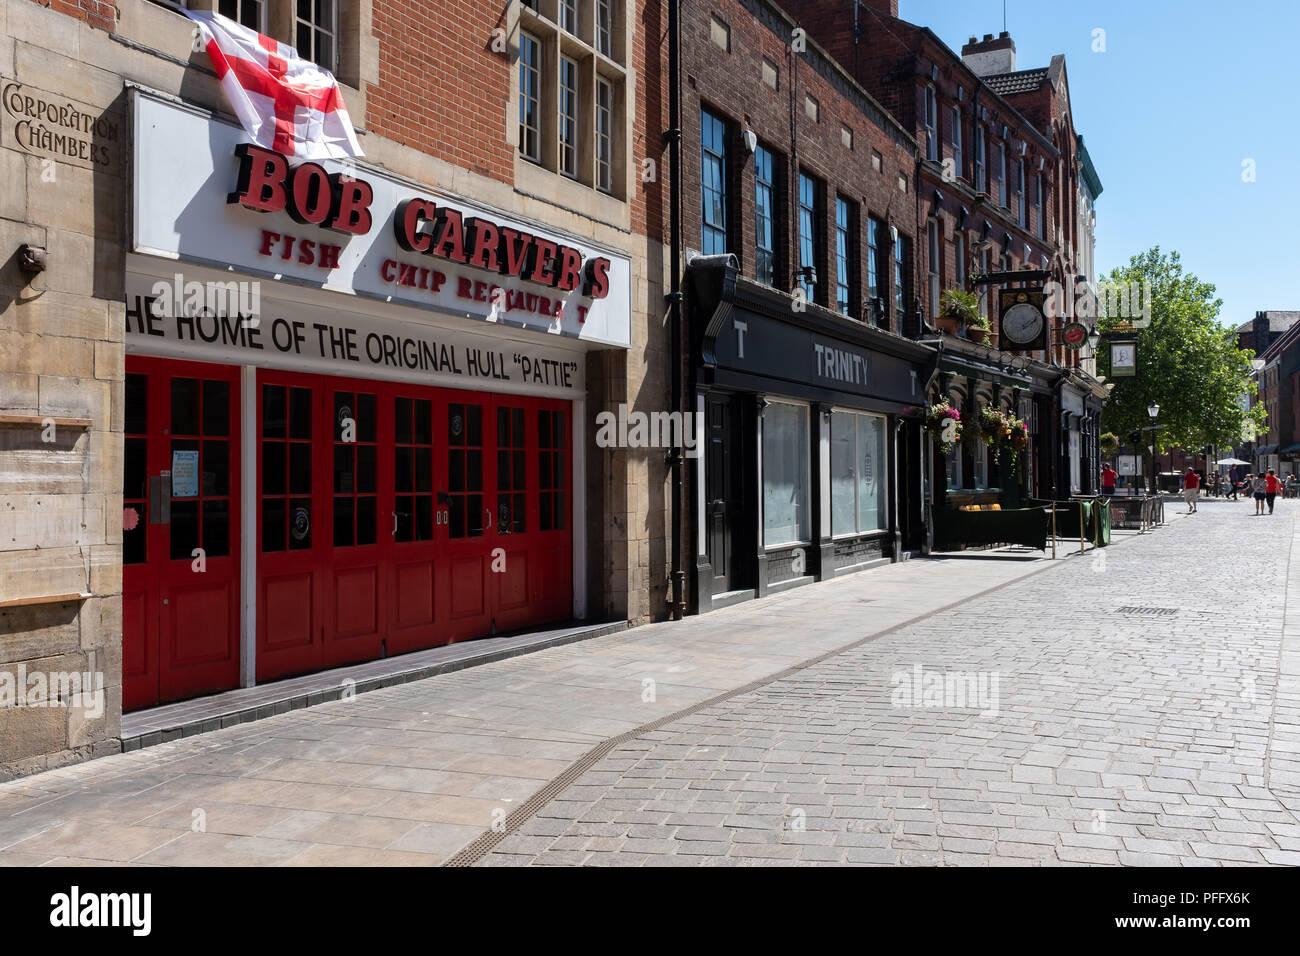 Bild von Kingston Upon Hull Großbritannien Stadt der Kultur 2017. Bob Carver chip Shop ist eine berühmte lokale Einrichtung. Stockbild